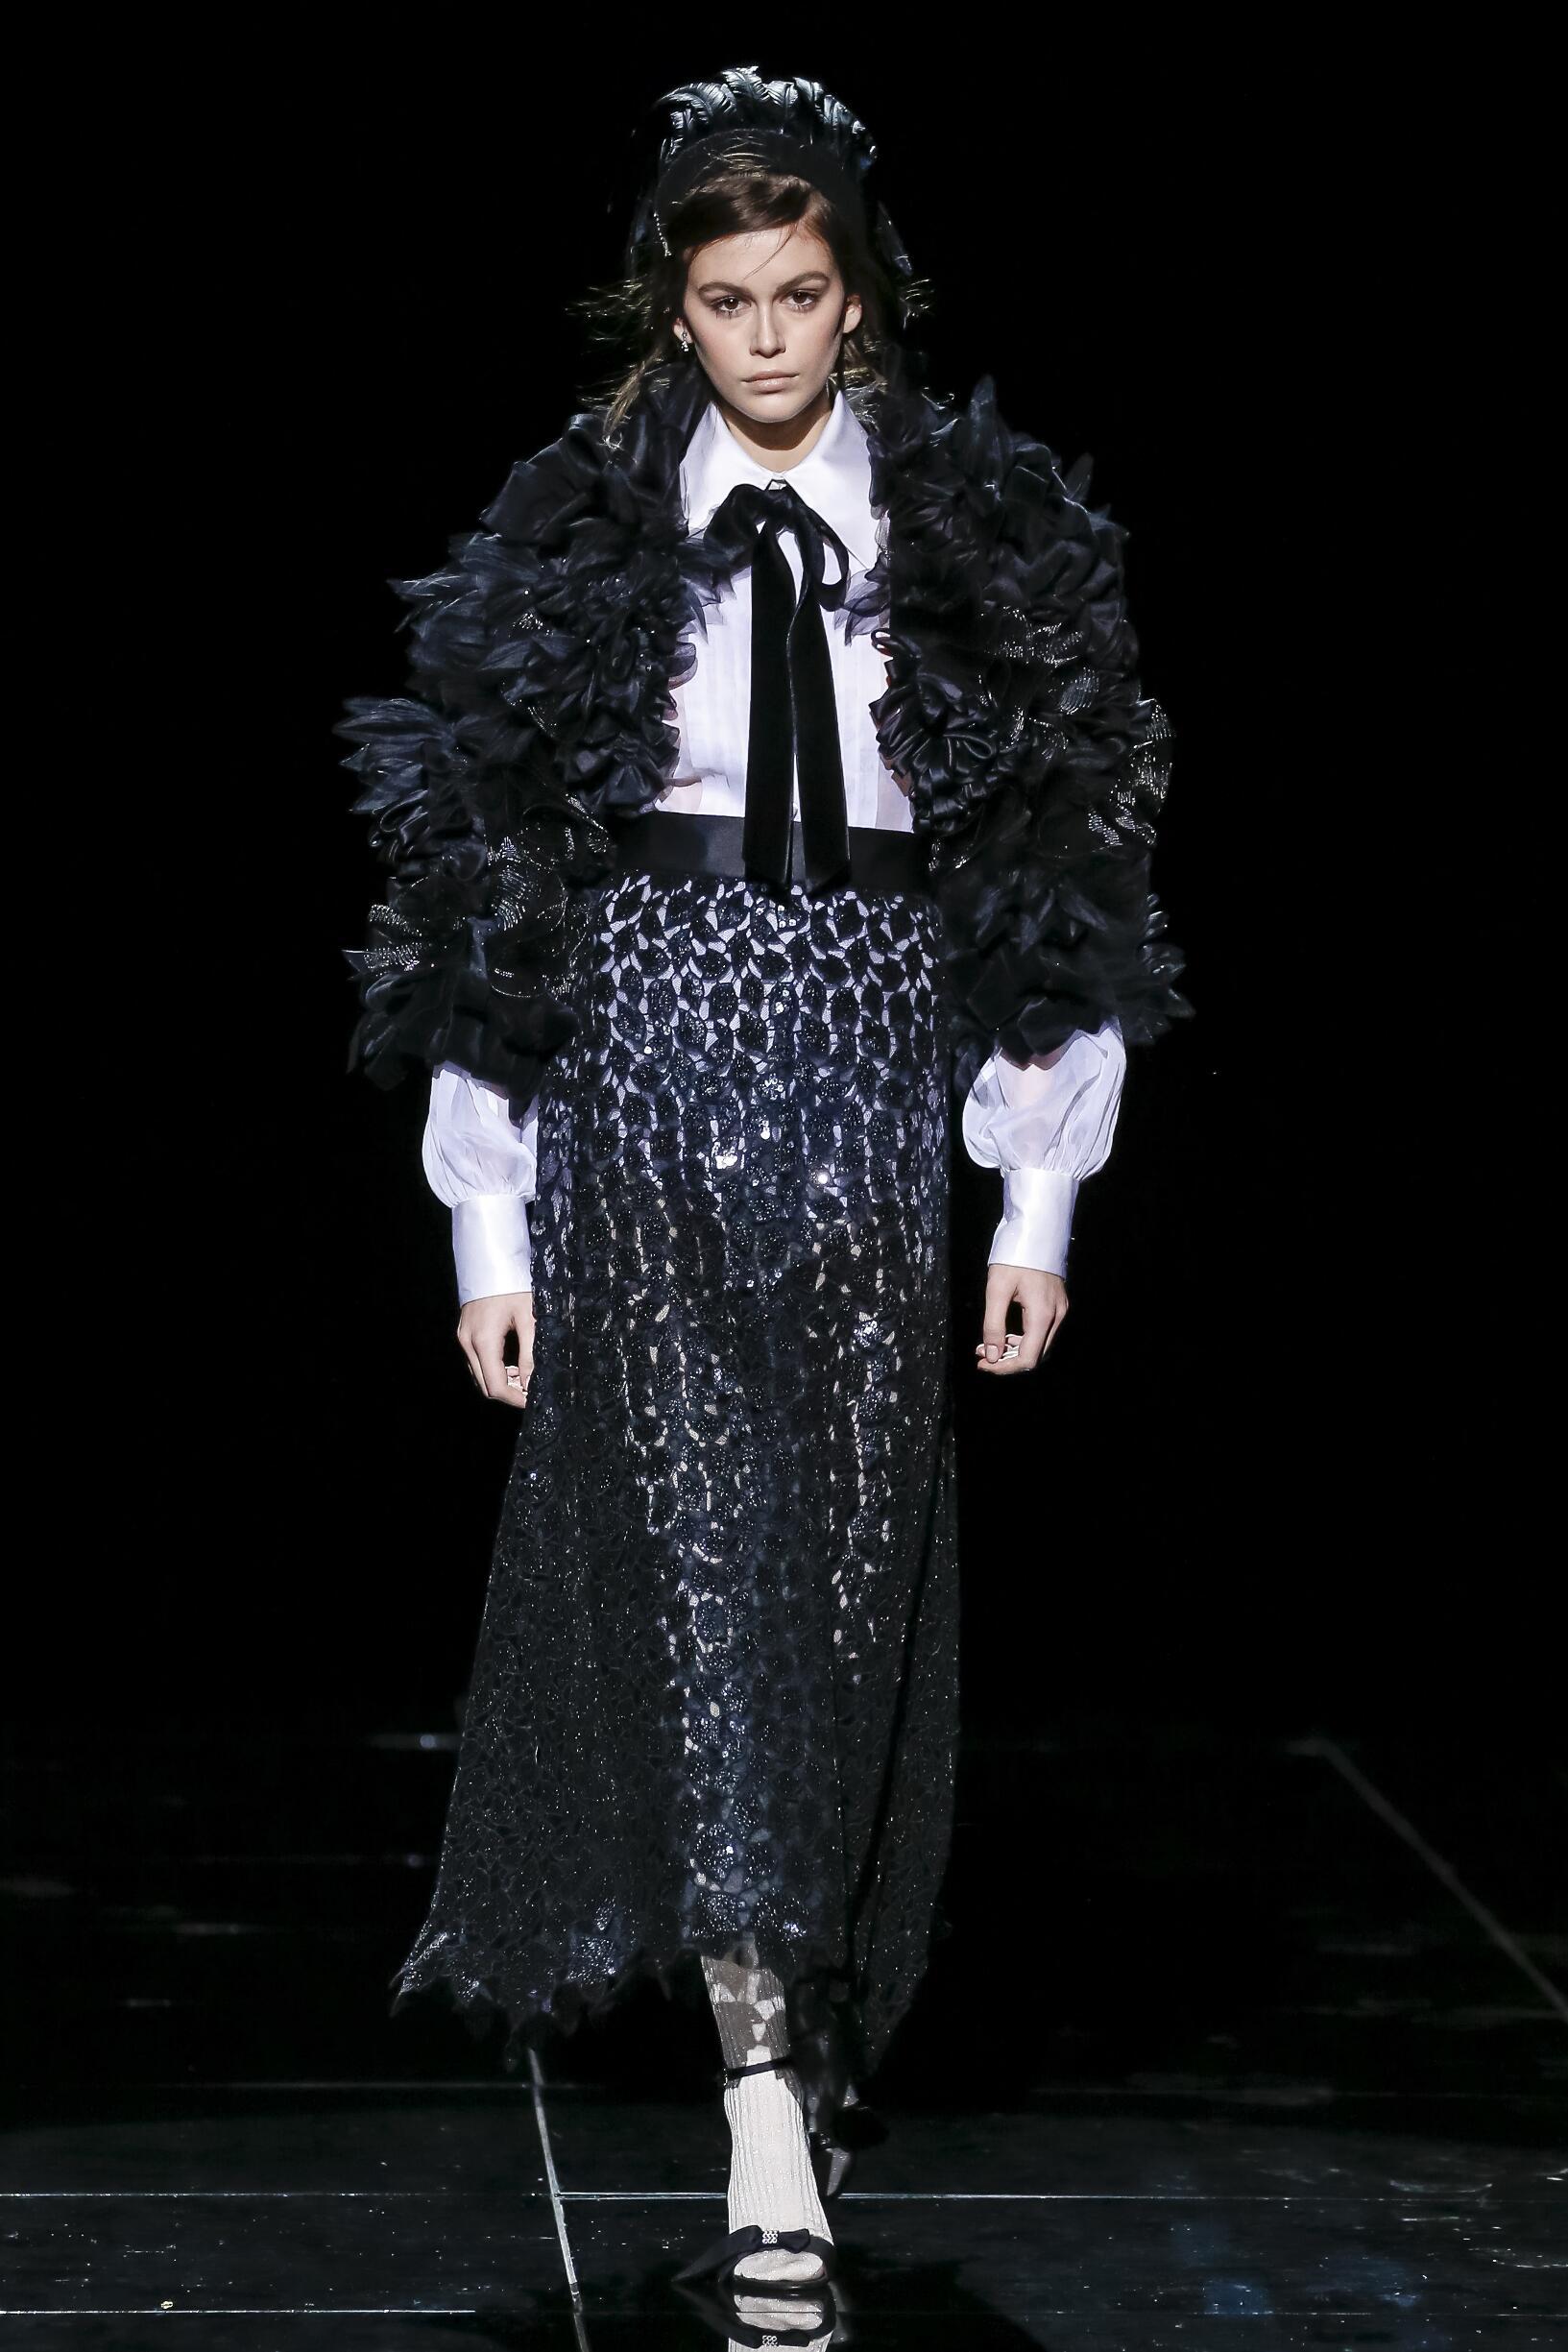 Fall Fashion 2019 Marc Jacobs